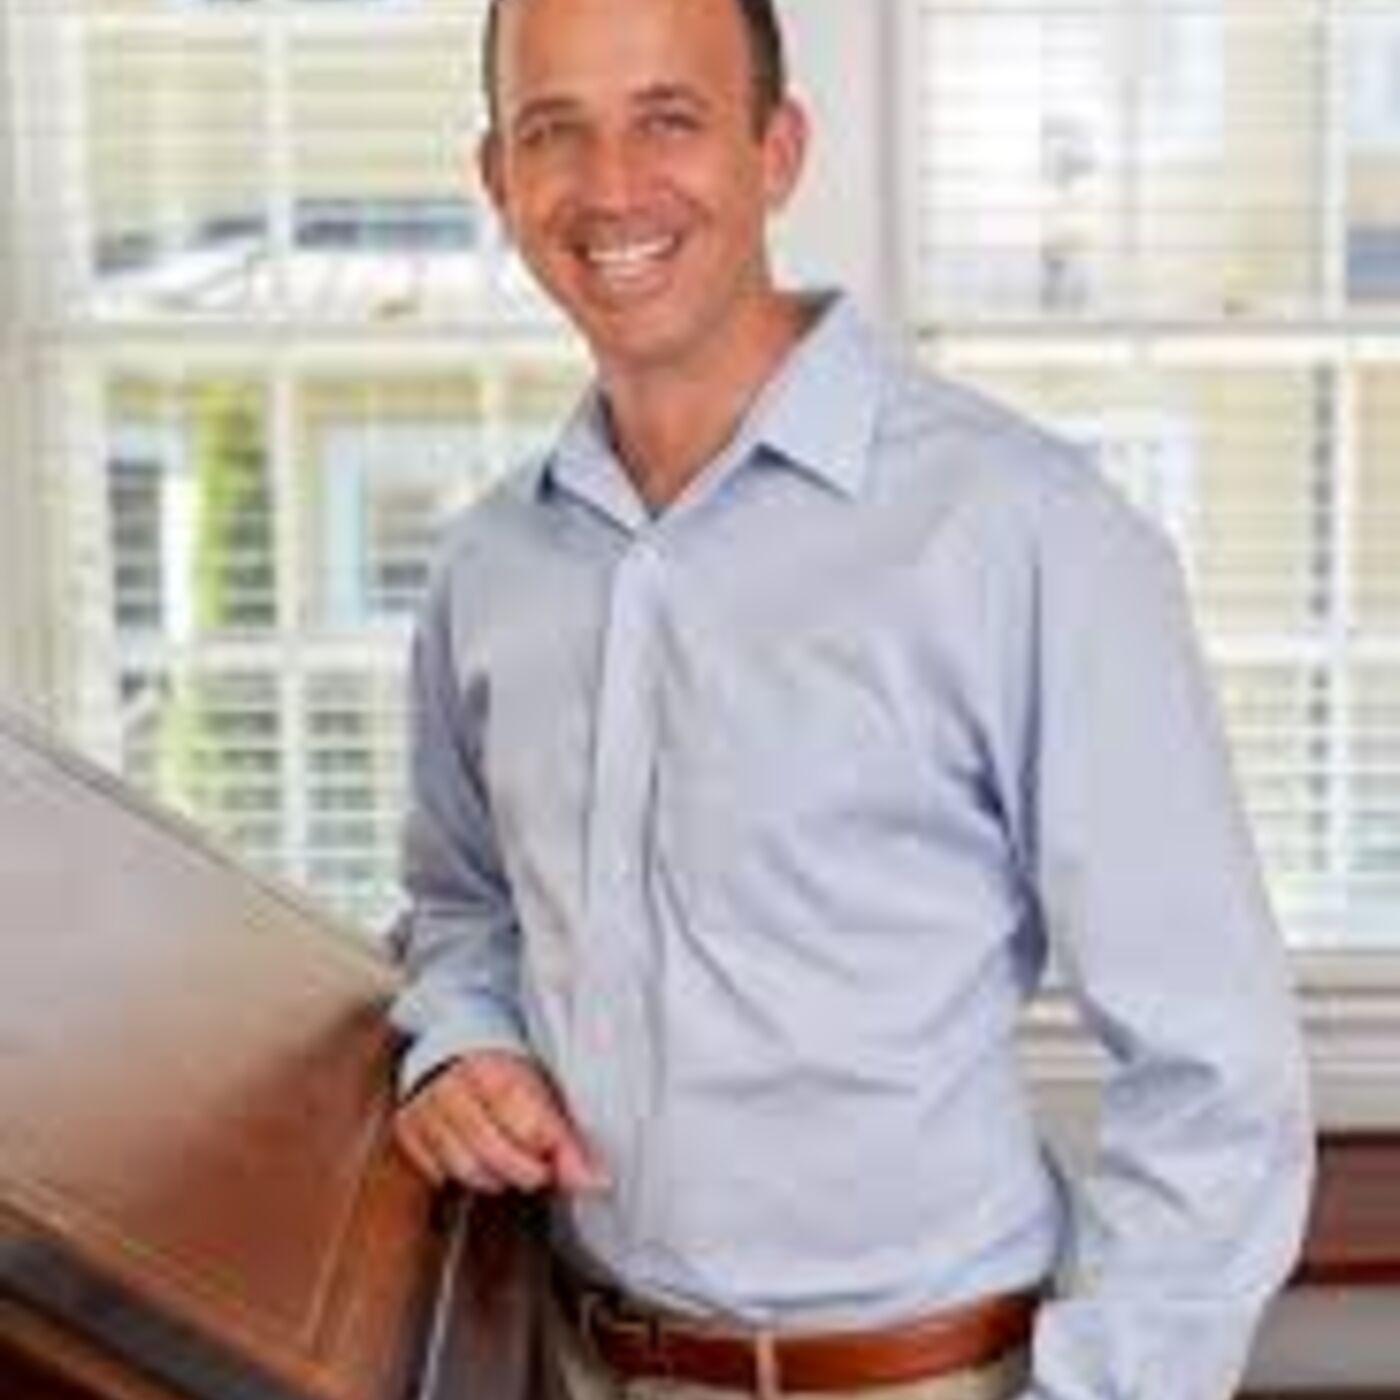 Damon Circosta (Part 2), Executive Director of the AJ Fletcher Foundation